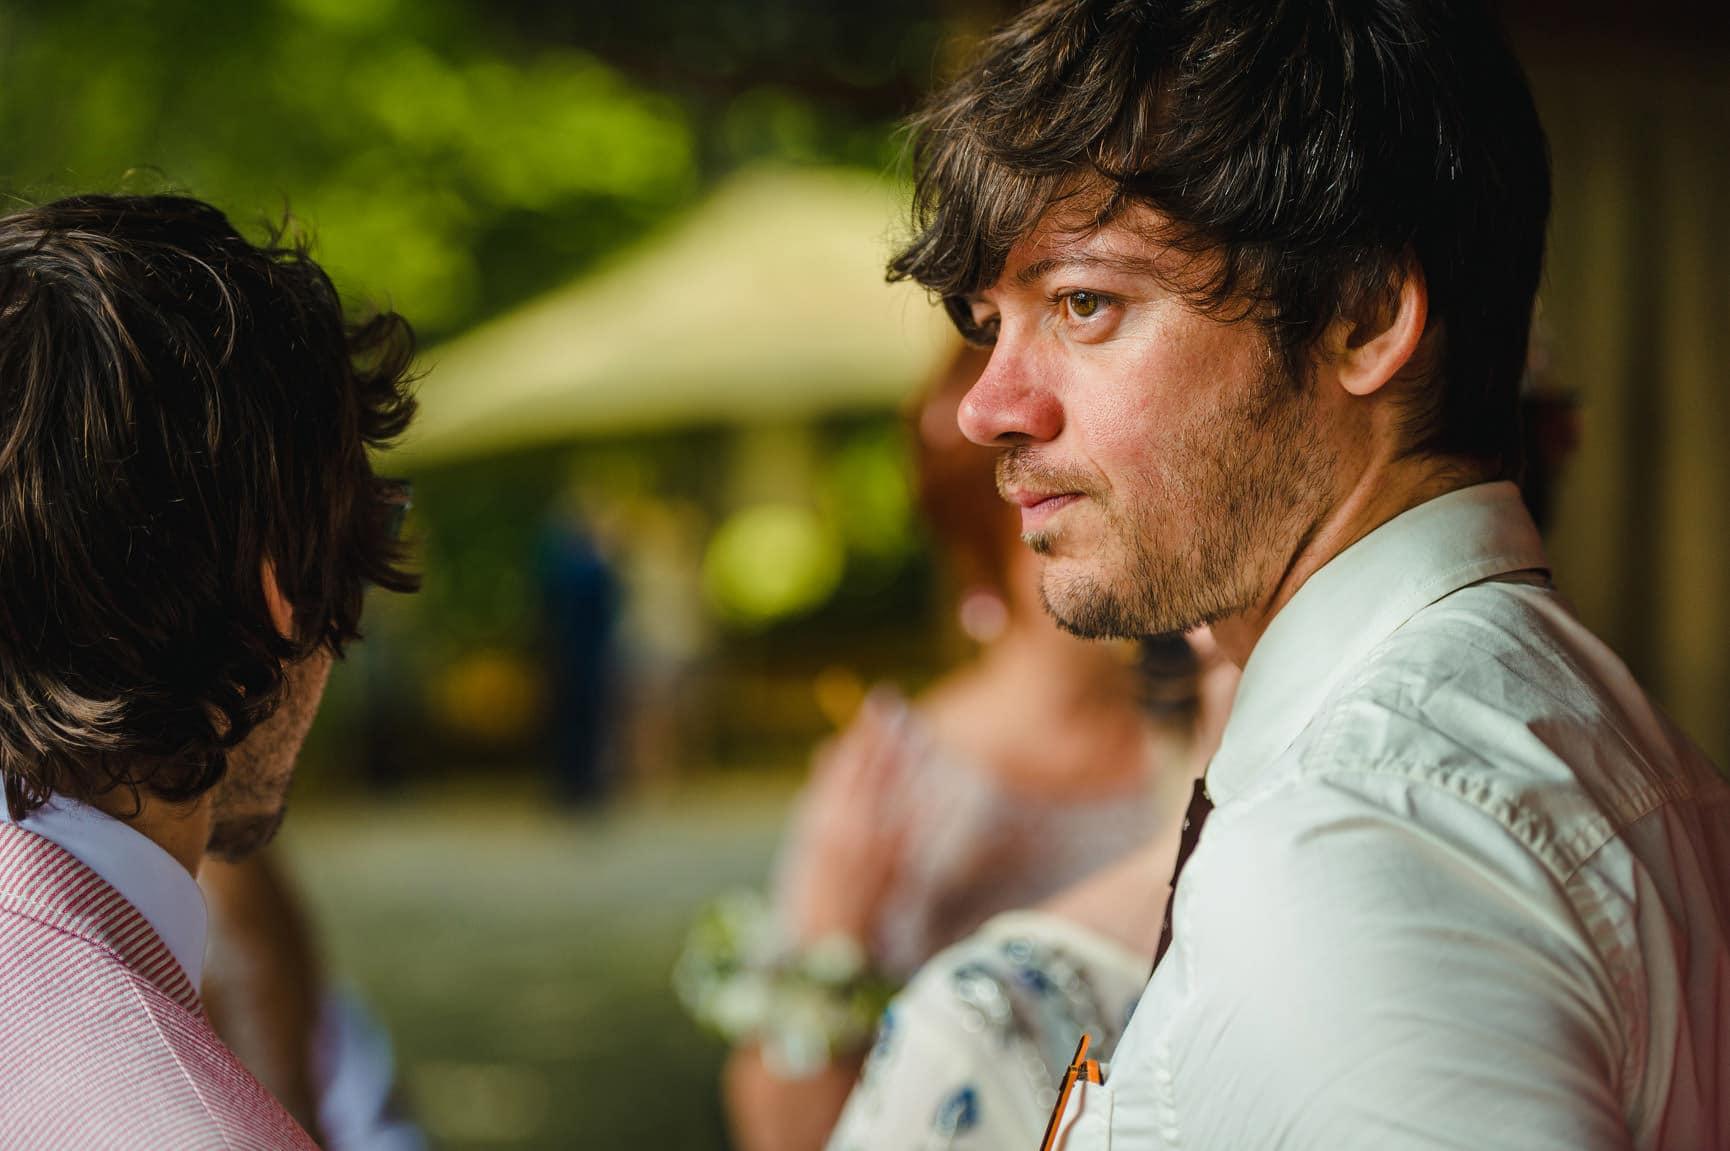 Fforest Wedding, Cardigan, Wales - Lauren and Gareth 94